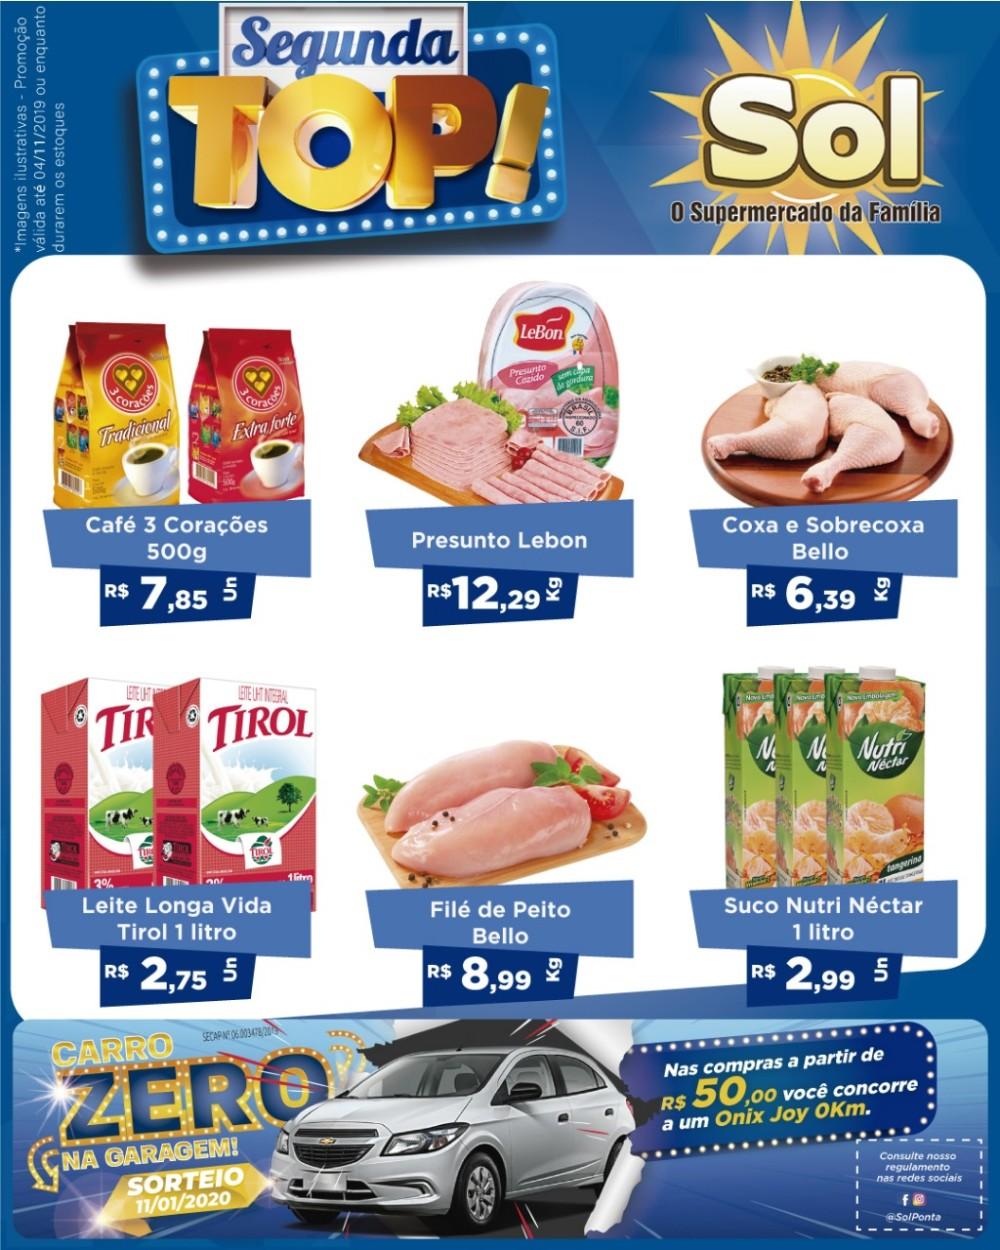 Supermercado Sol e as suas ofertas da Segunda Top, a cada R$ 50,00 em compras ganhe um cupom e concorra a um carro 0Km